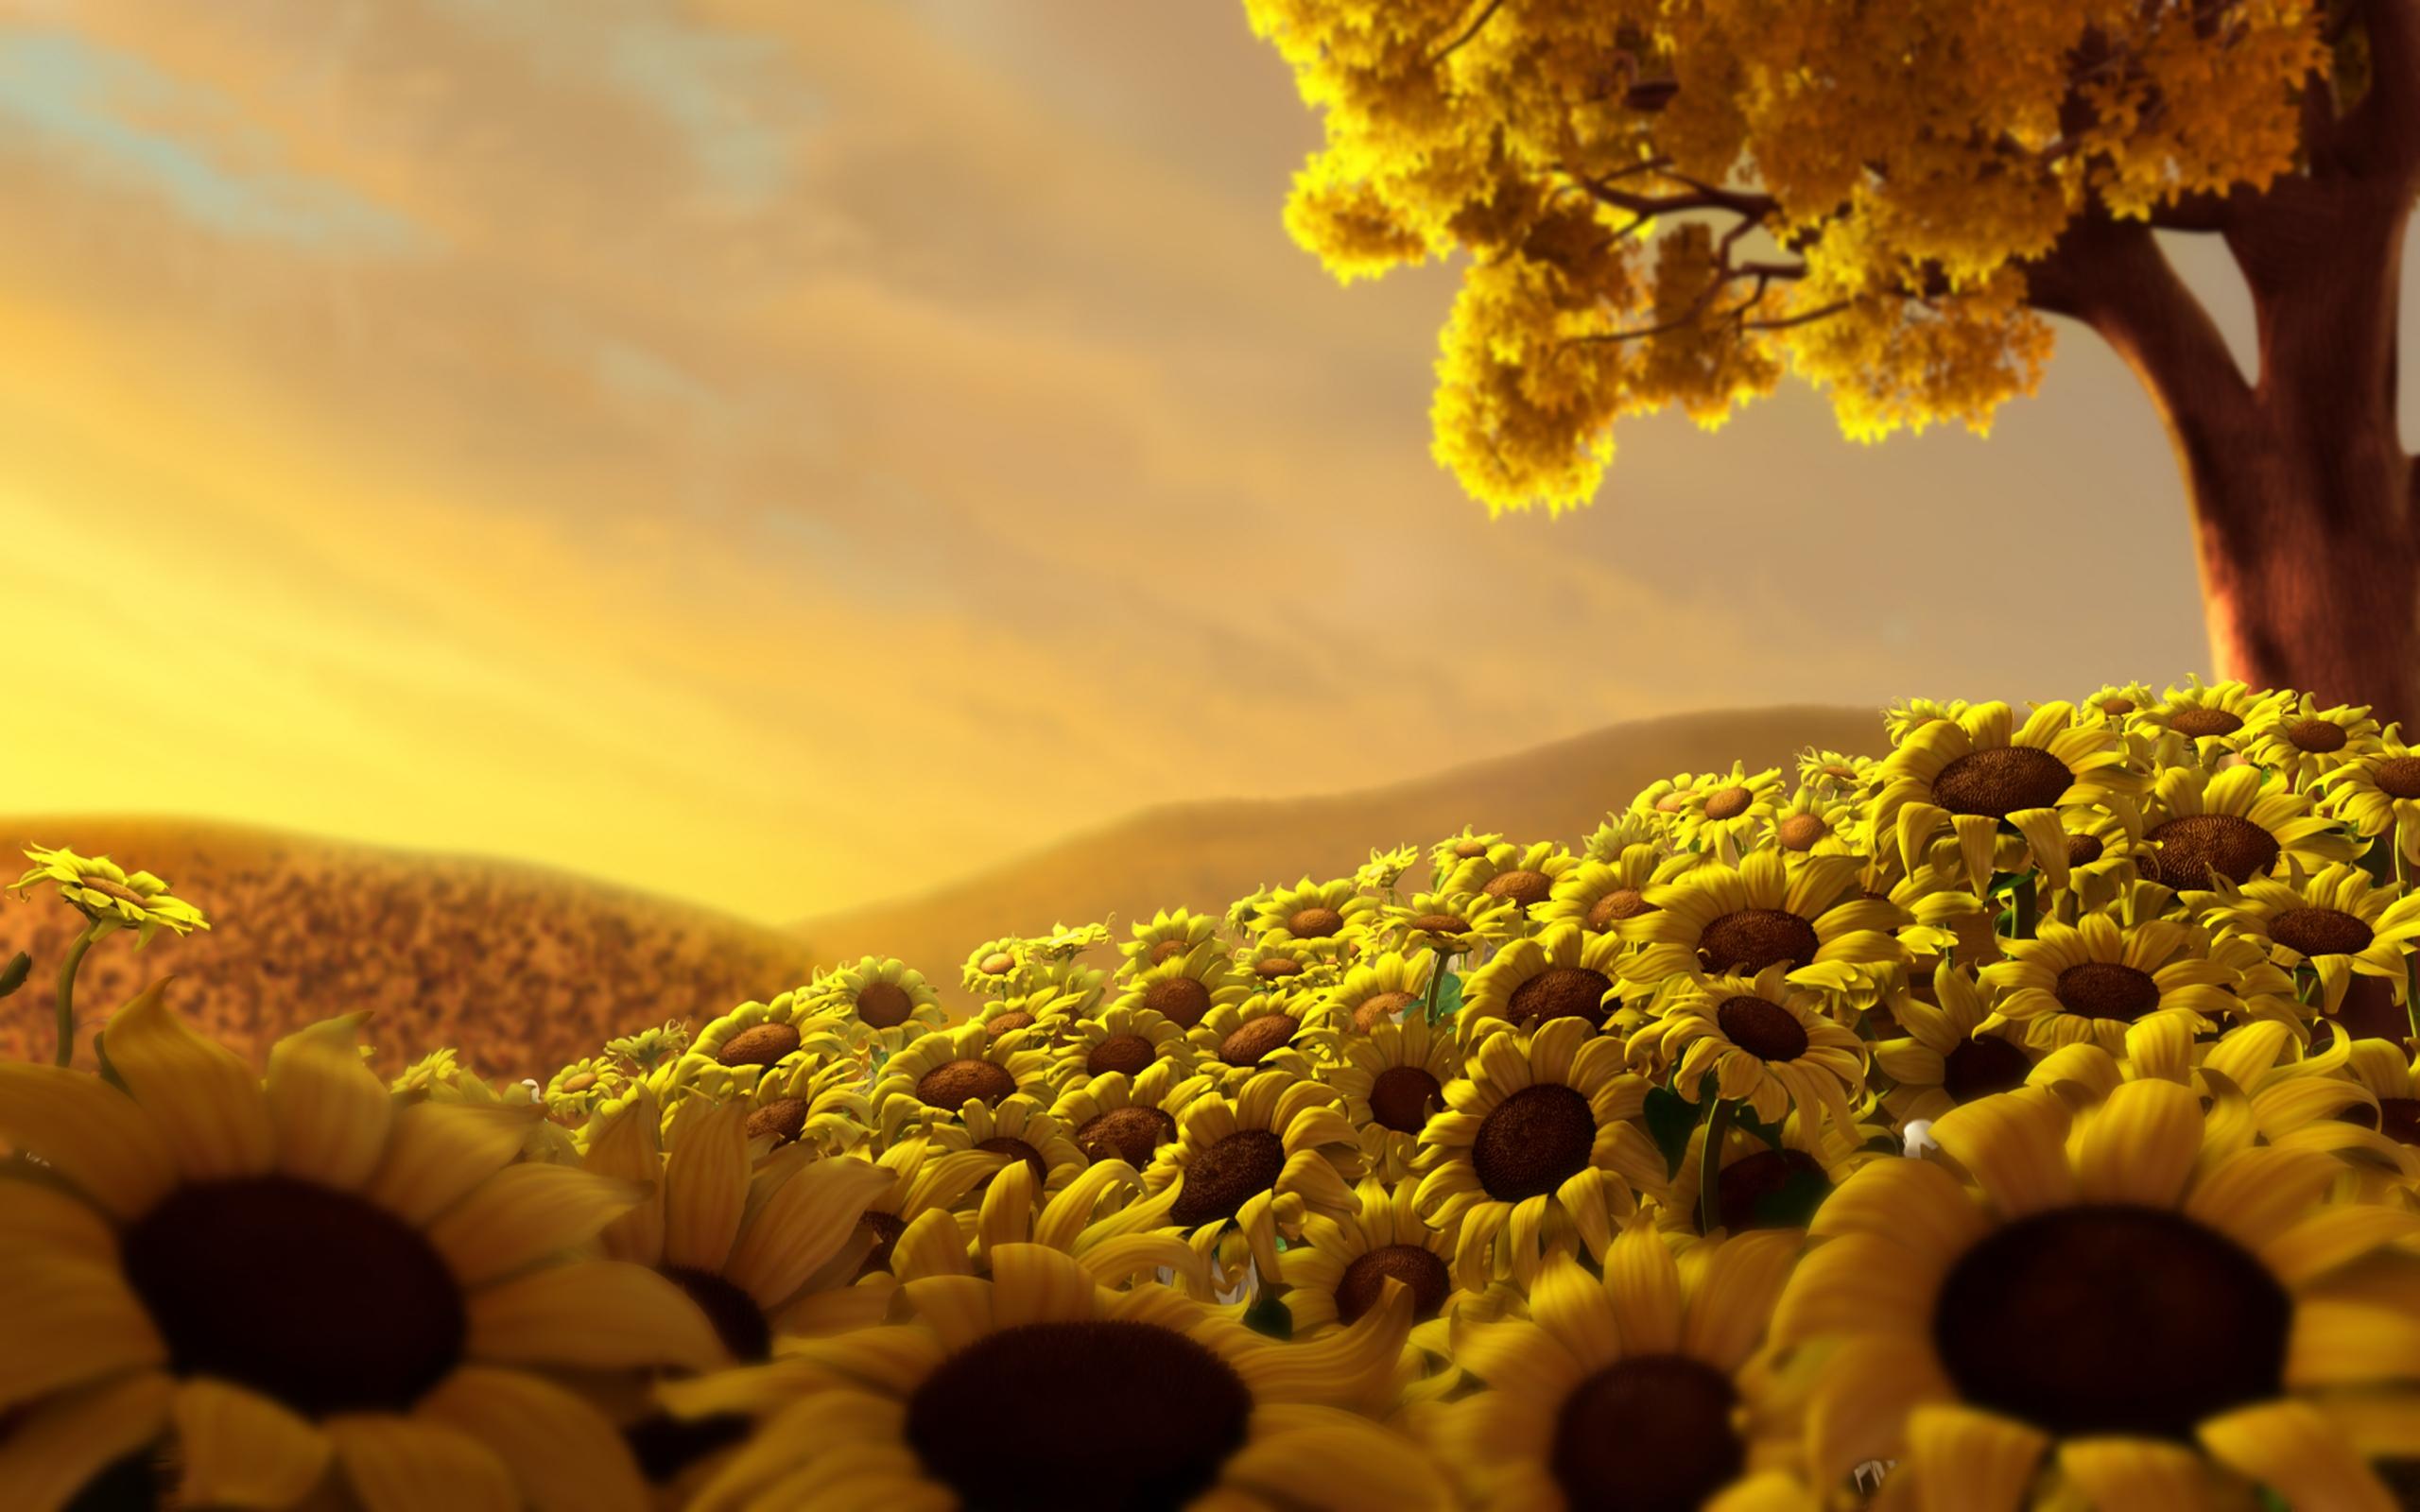 World of Sunflowers